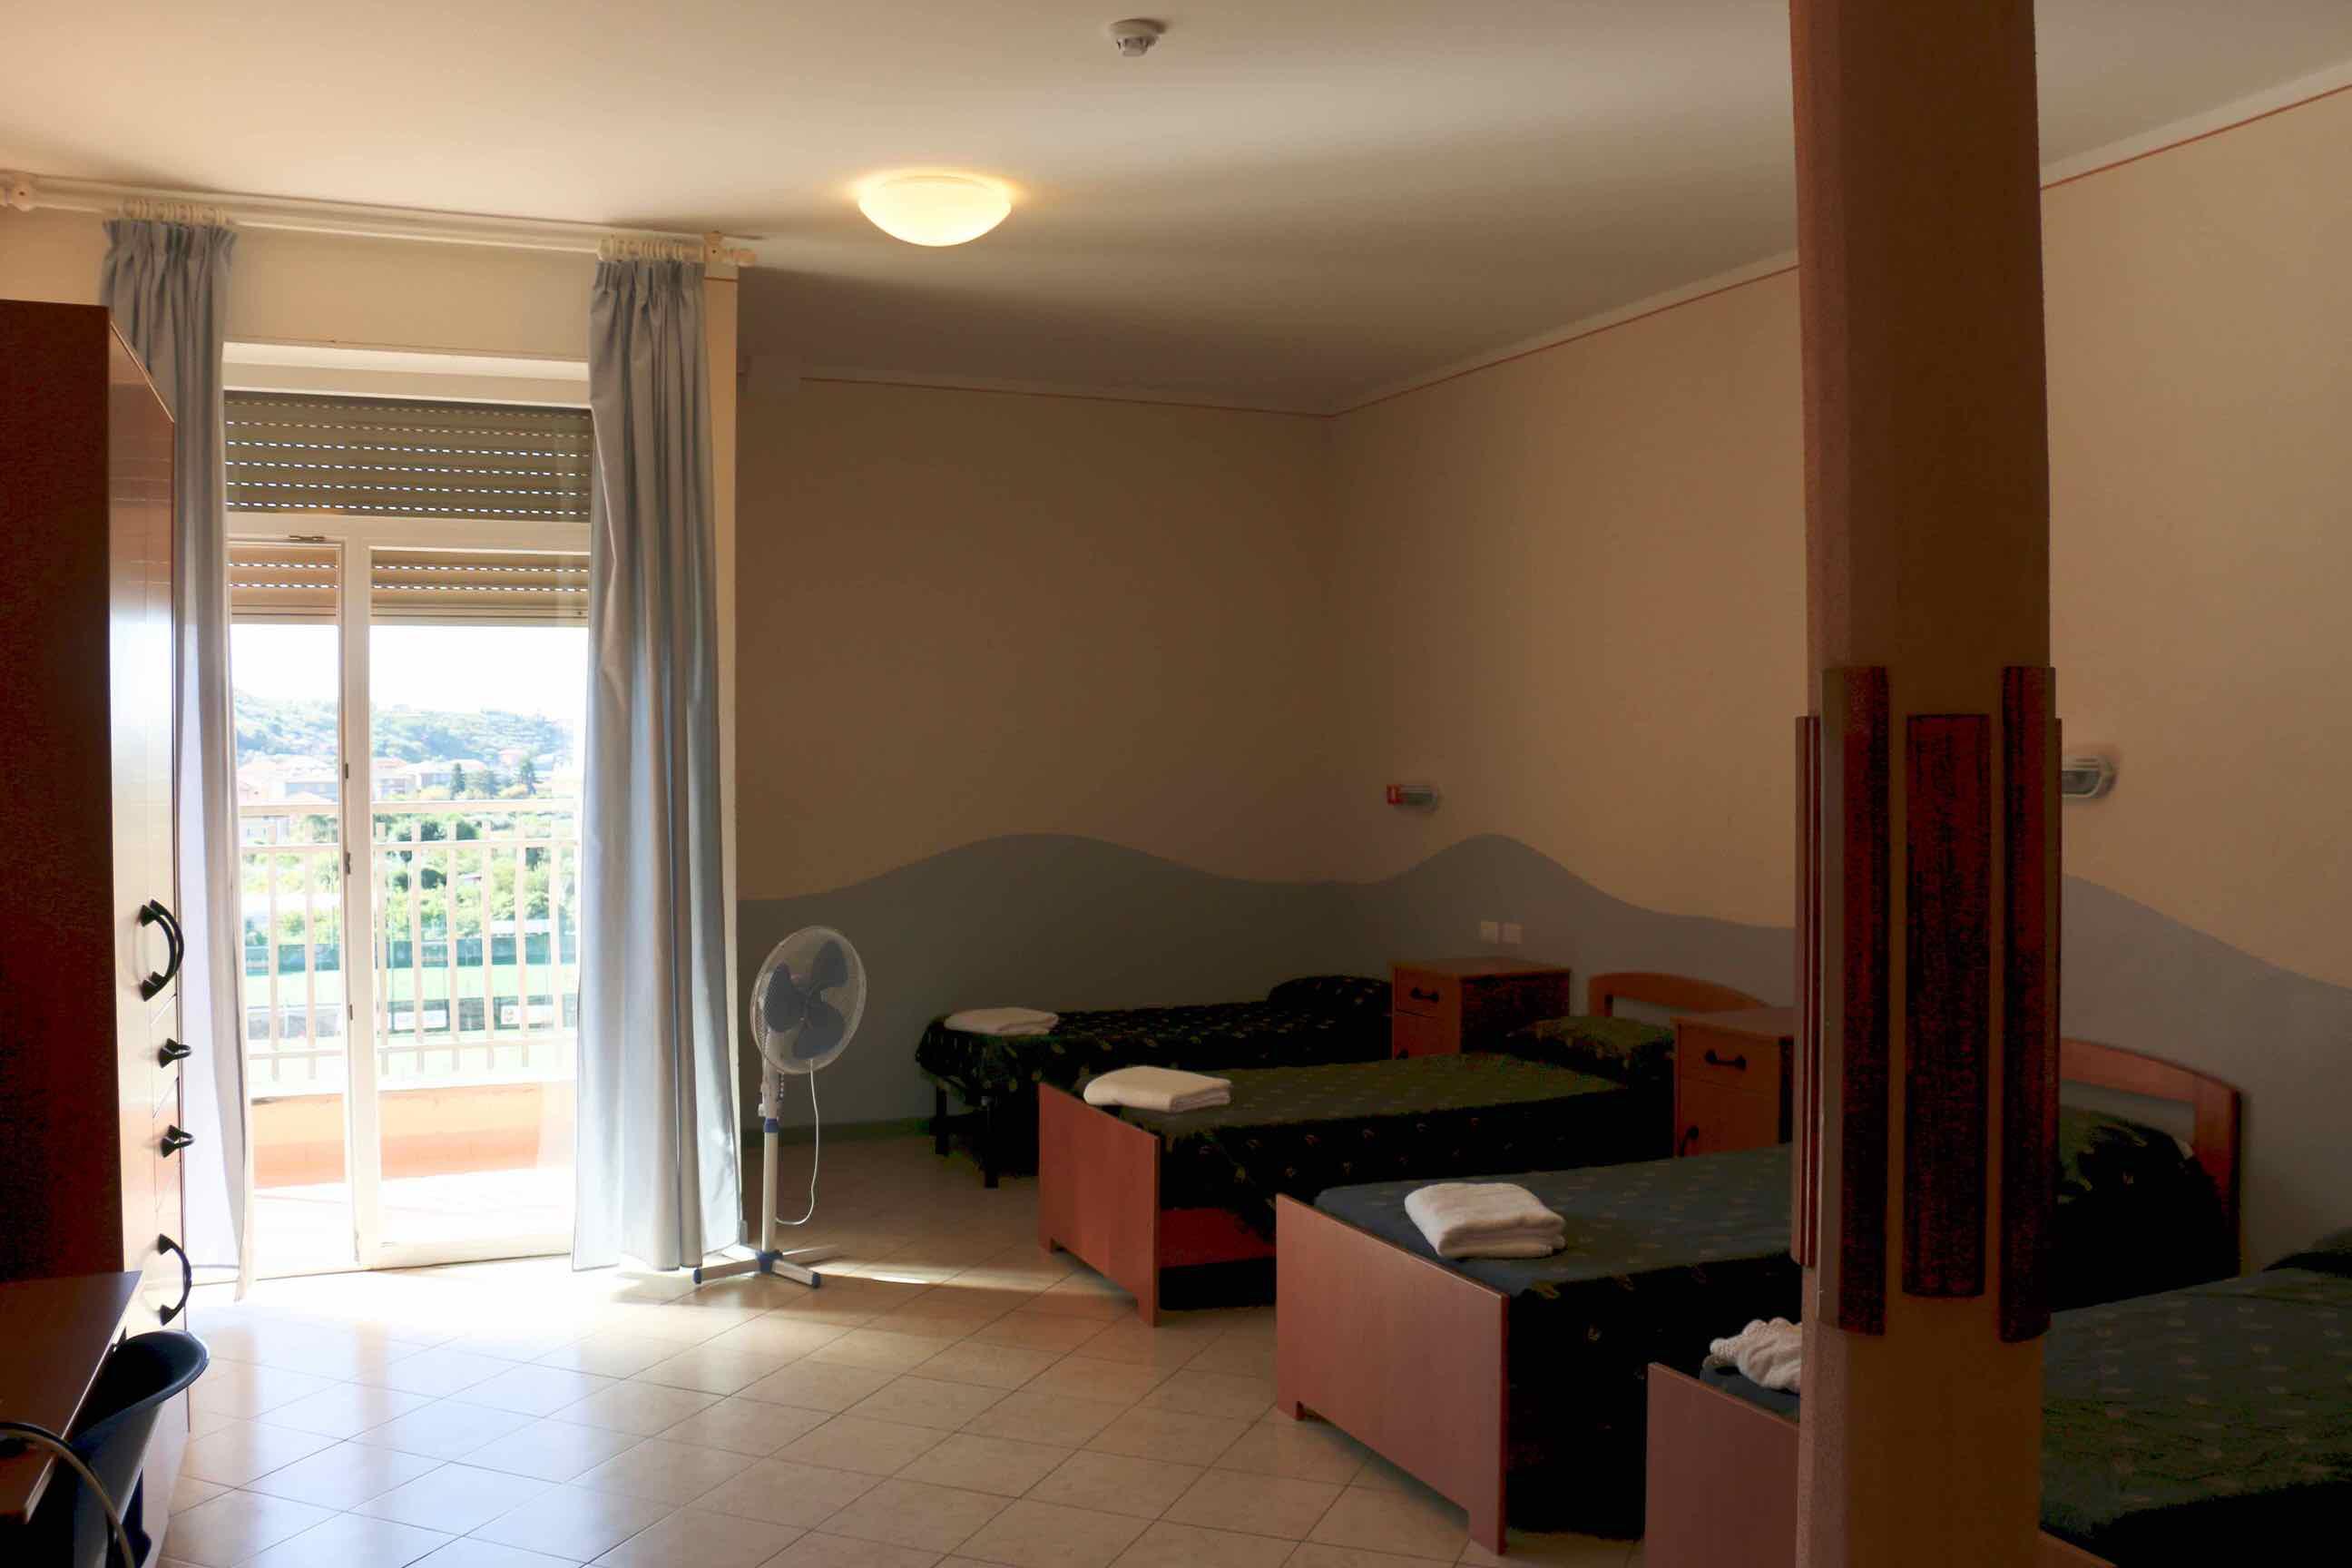 Casa per Ferie Villaggio Ospitale - Centro San Salvatore Villaggio del Ragazzo - 11